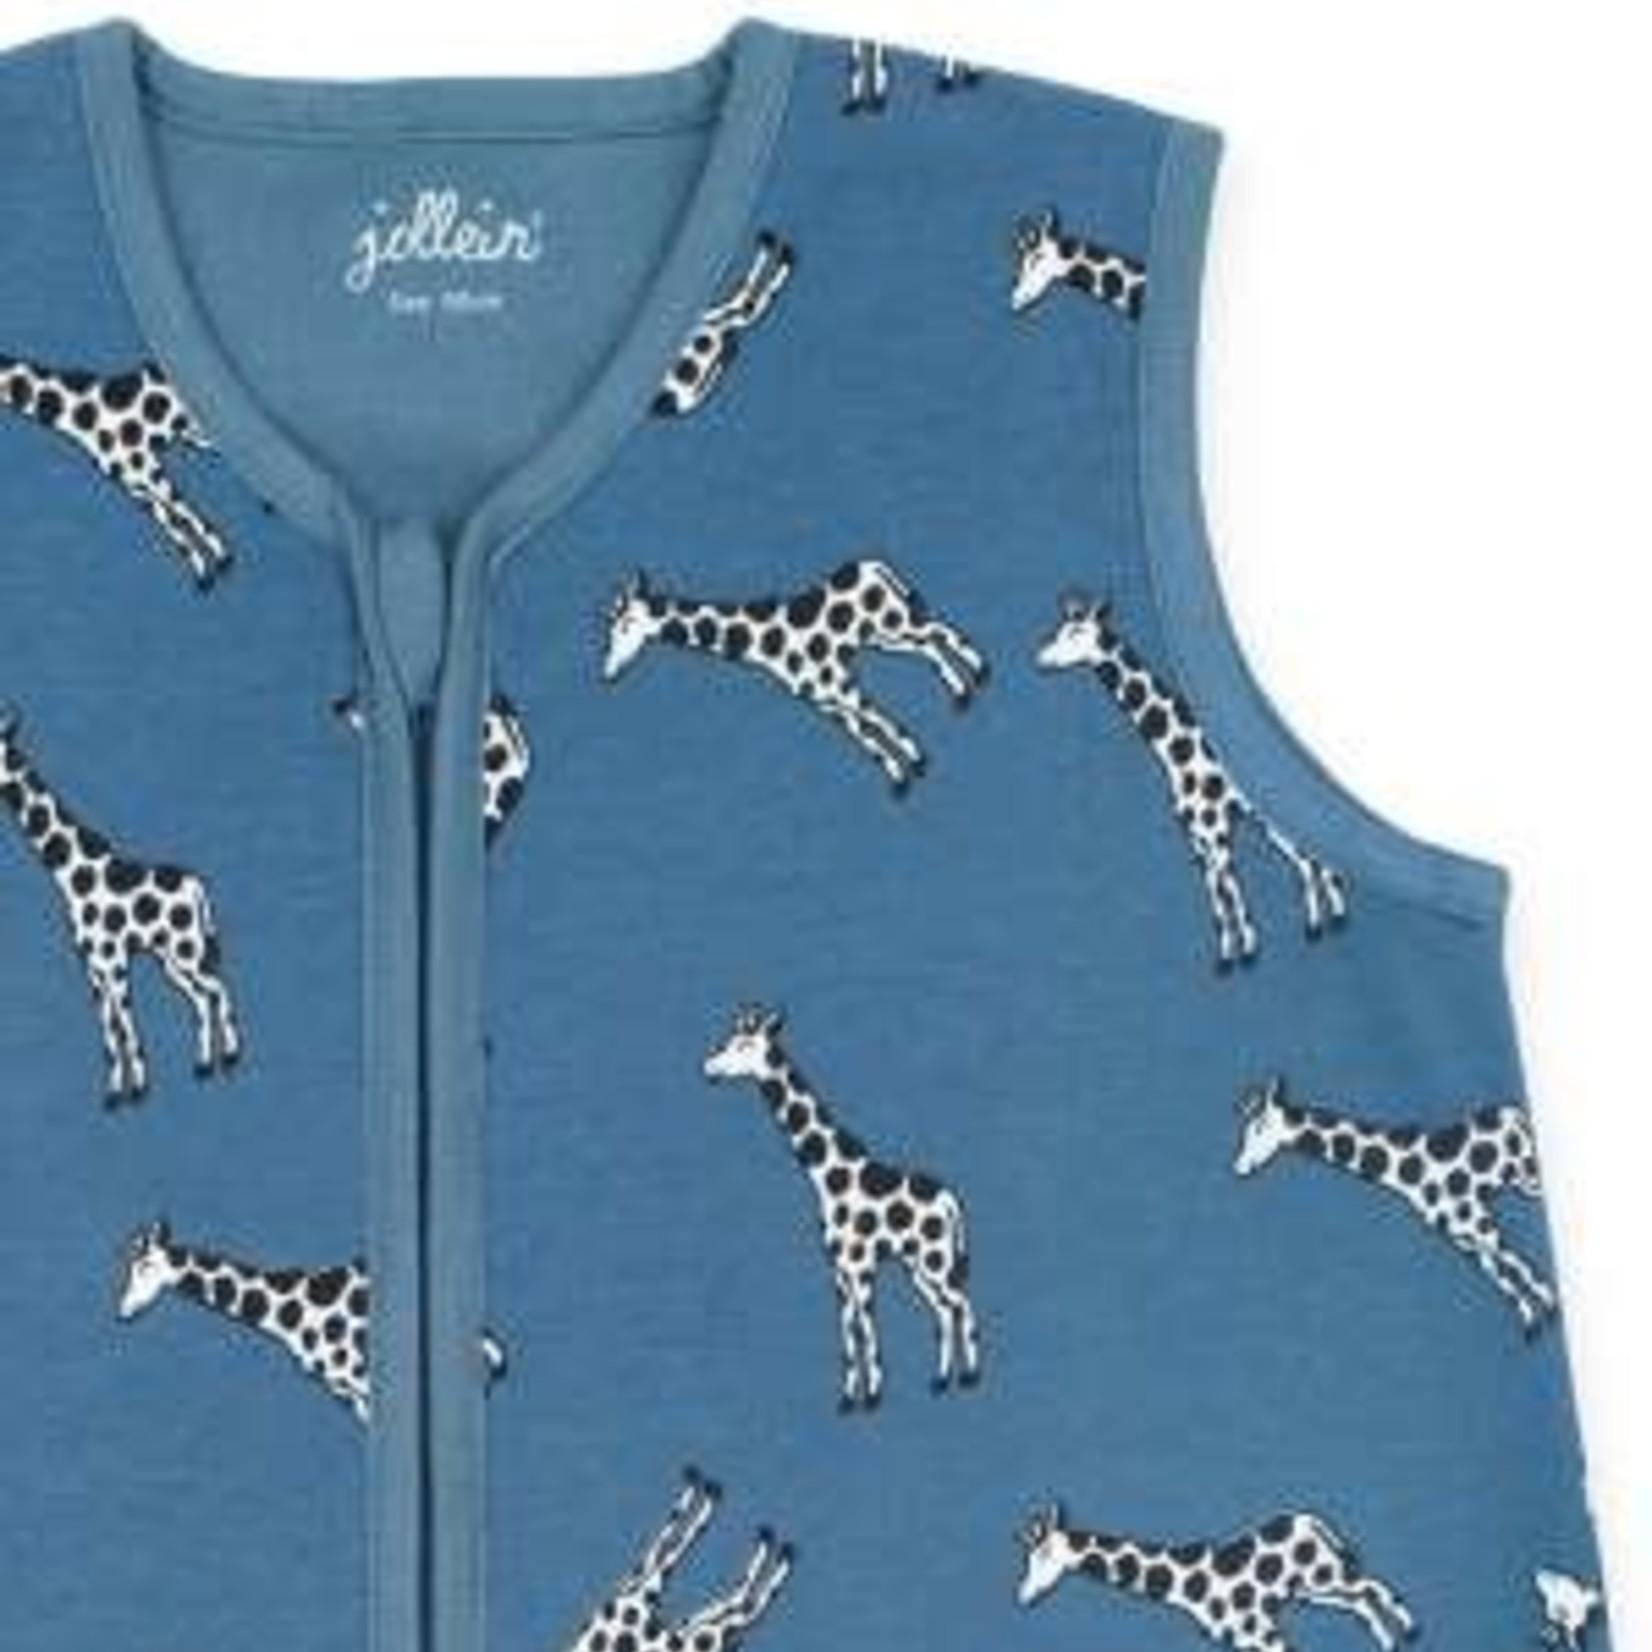 Jollein Jollein Slaapzak Zomer Giraf jeans Blue